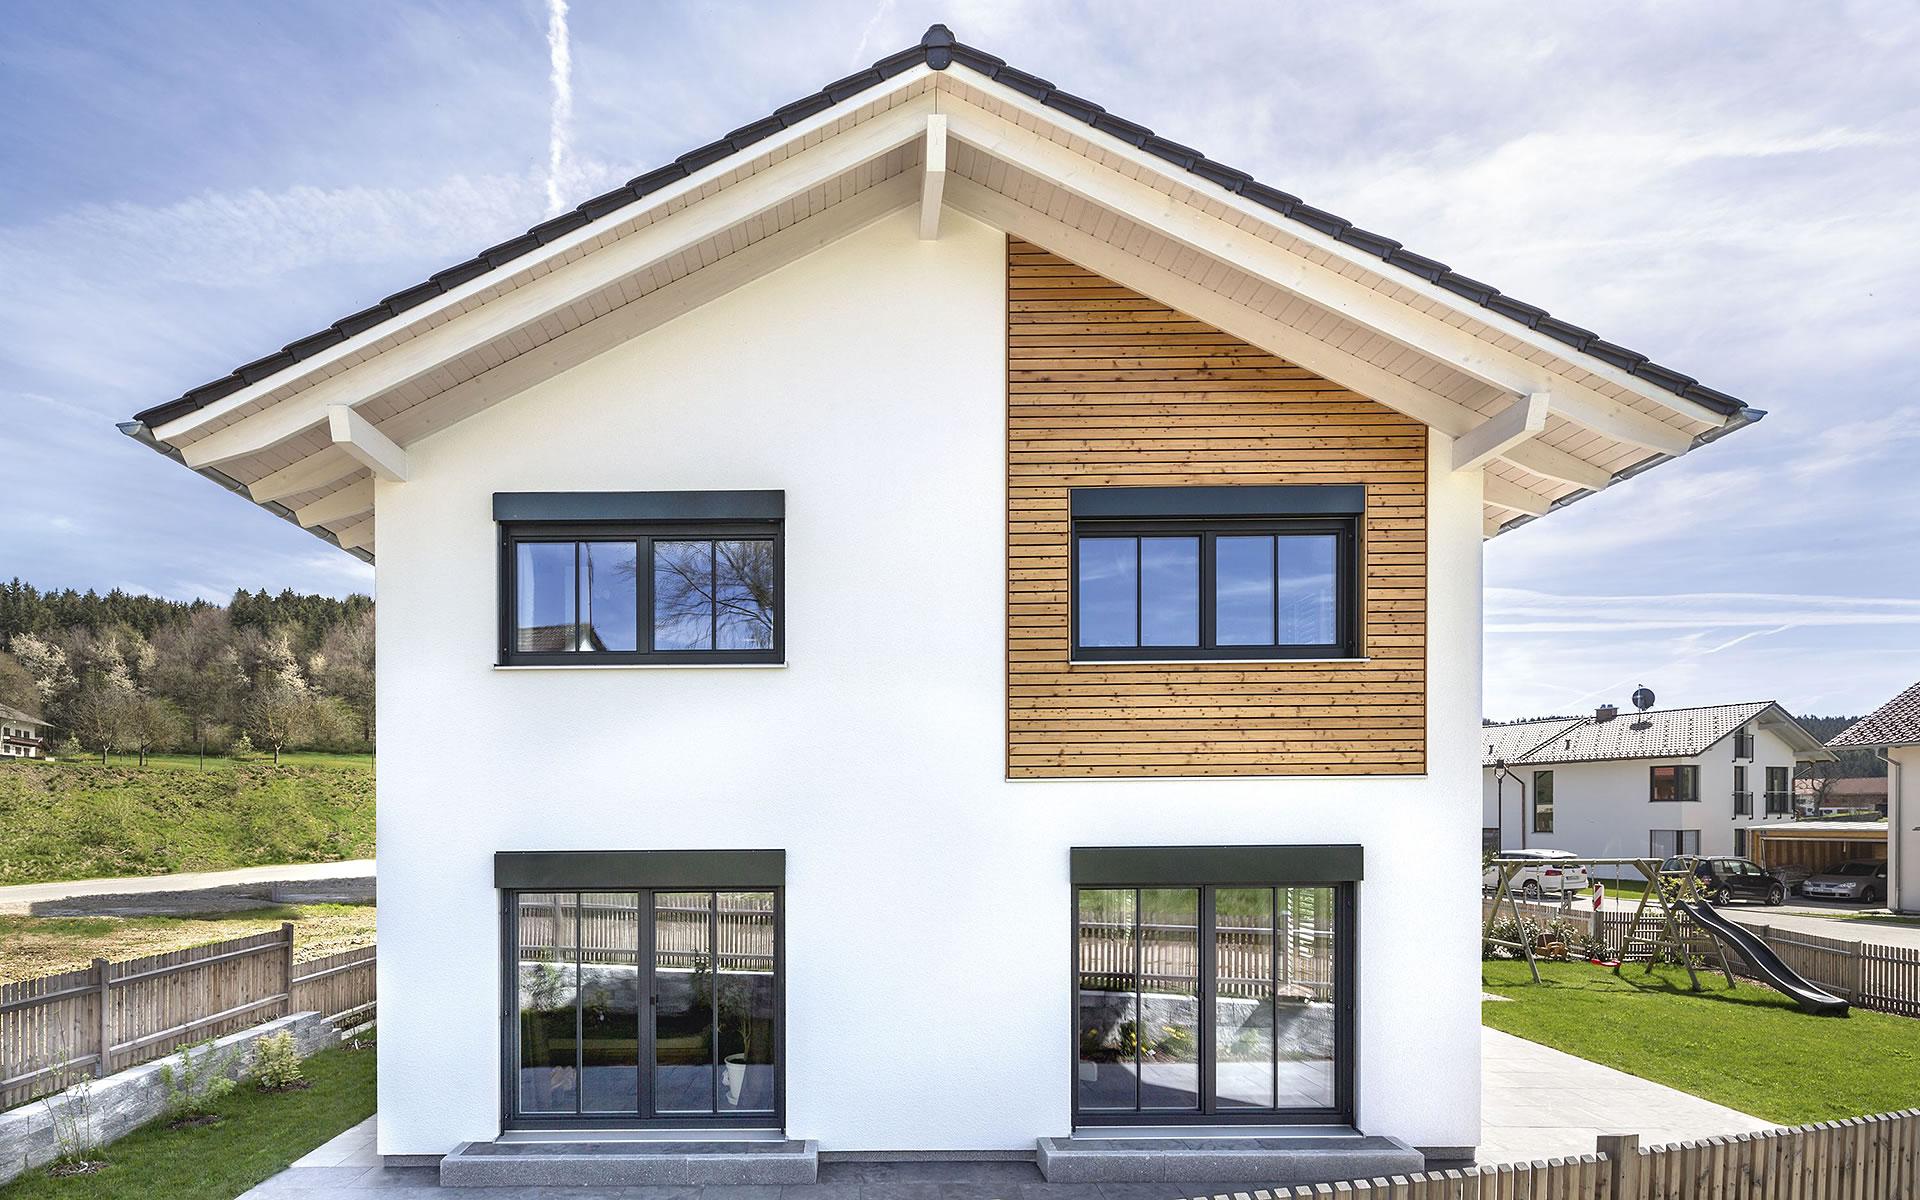 Glonn von Regnauer Hausbau GmbH & Co. KG